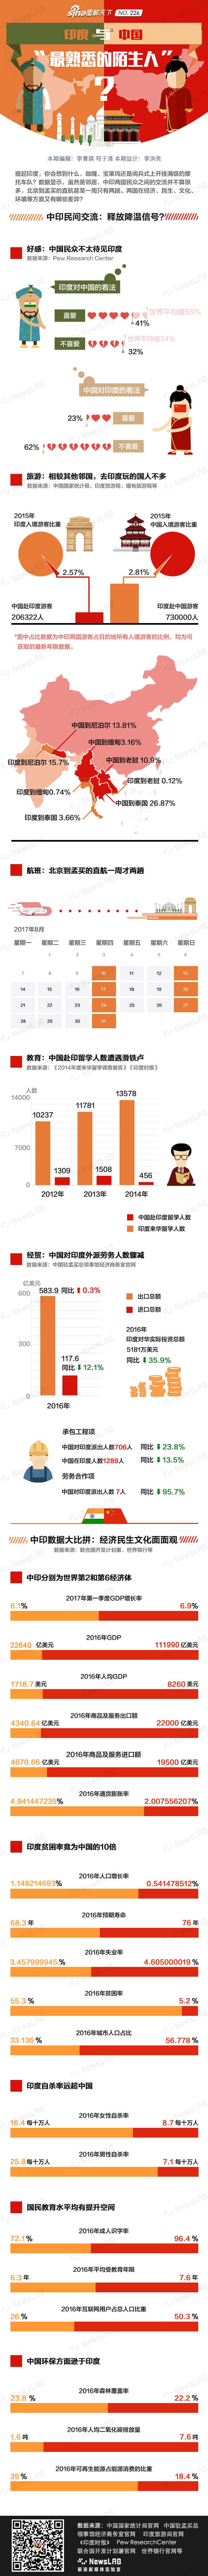 数说:印度贫困率为中国的十倍丨新浪新闻